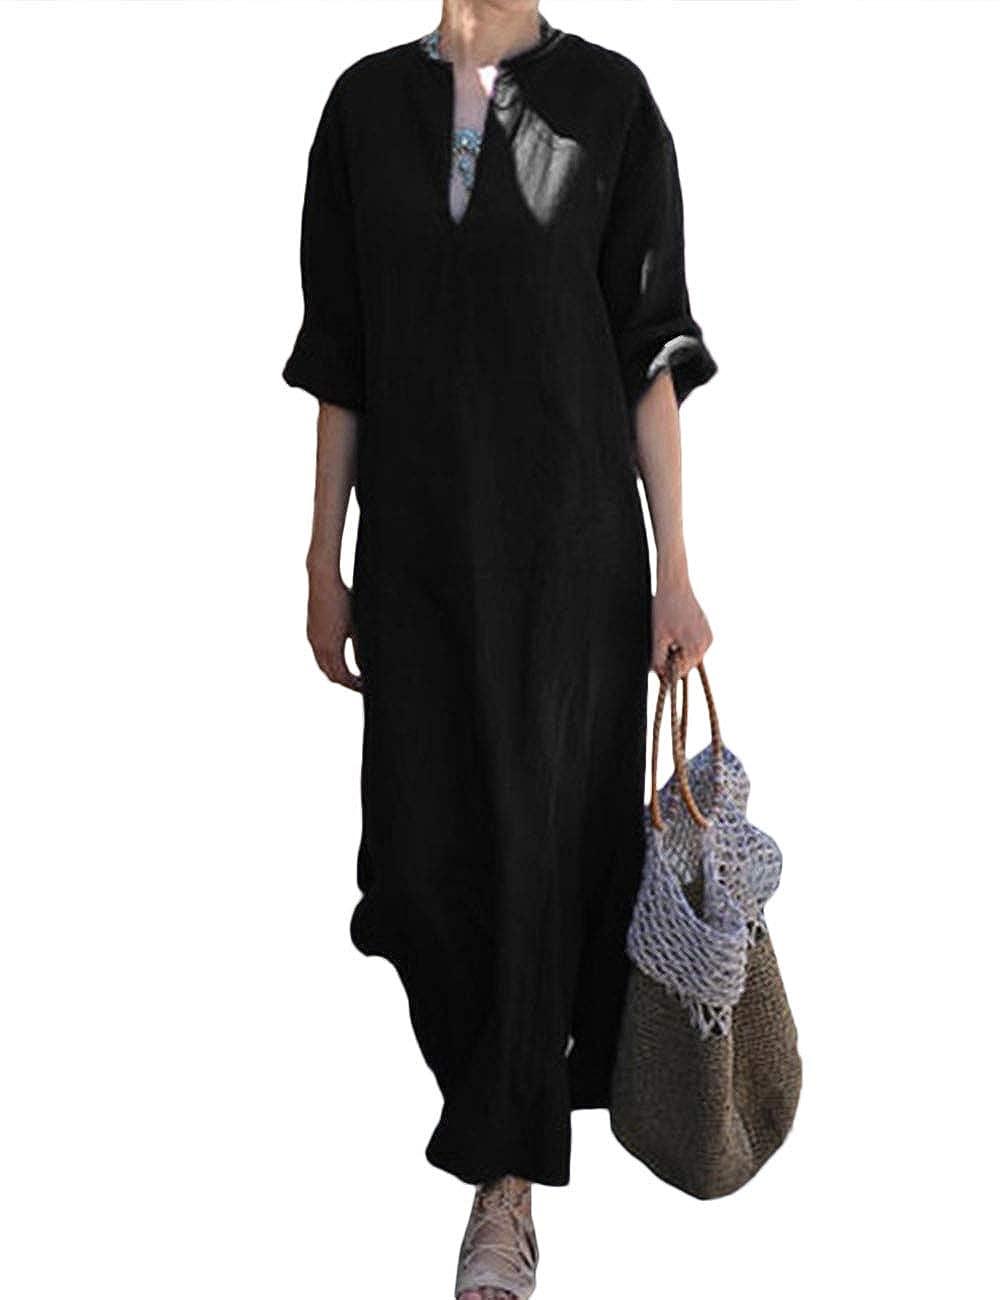 Hahaemma Damen Kleider Maxikleid Lose Kleid Langarm Retro Leinen Baumwolle Lange Kleider Elegante Bluse Breite Beilaufige Sommerkleider Damen Plus Grosse Damen Kleider Entecservicesinc Com